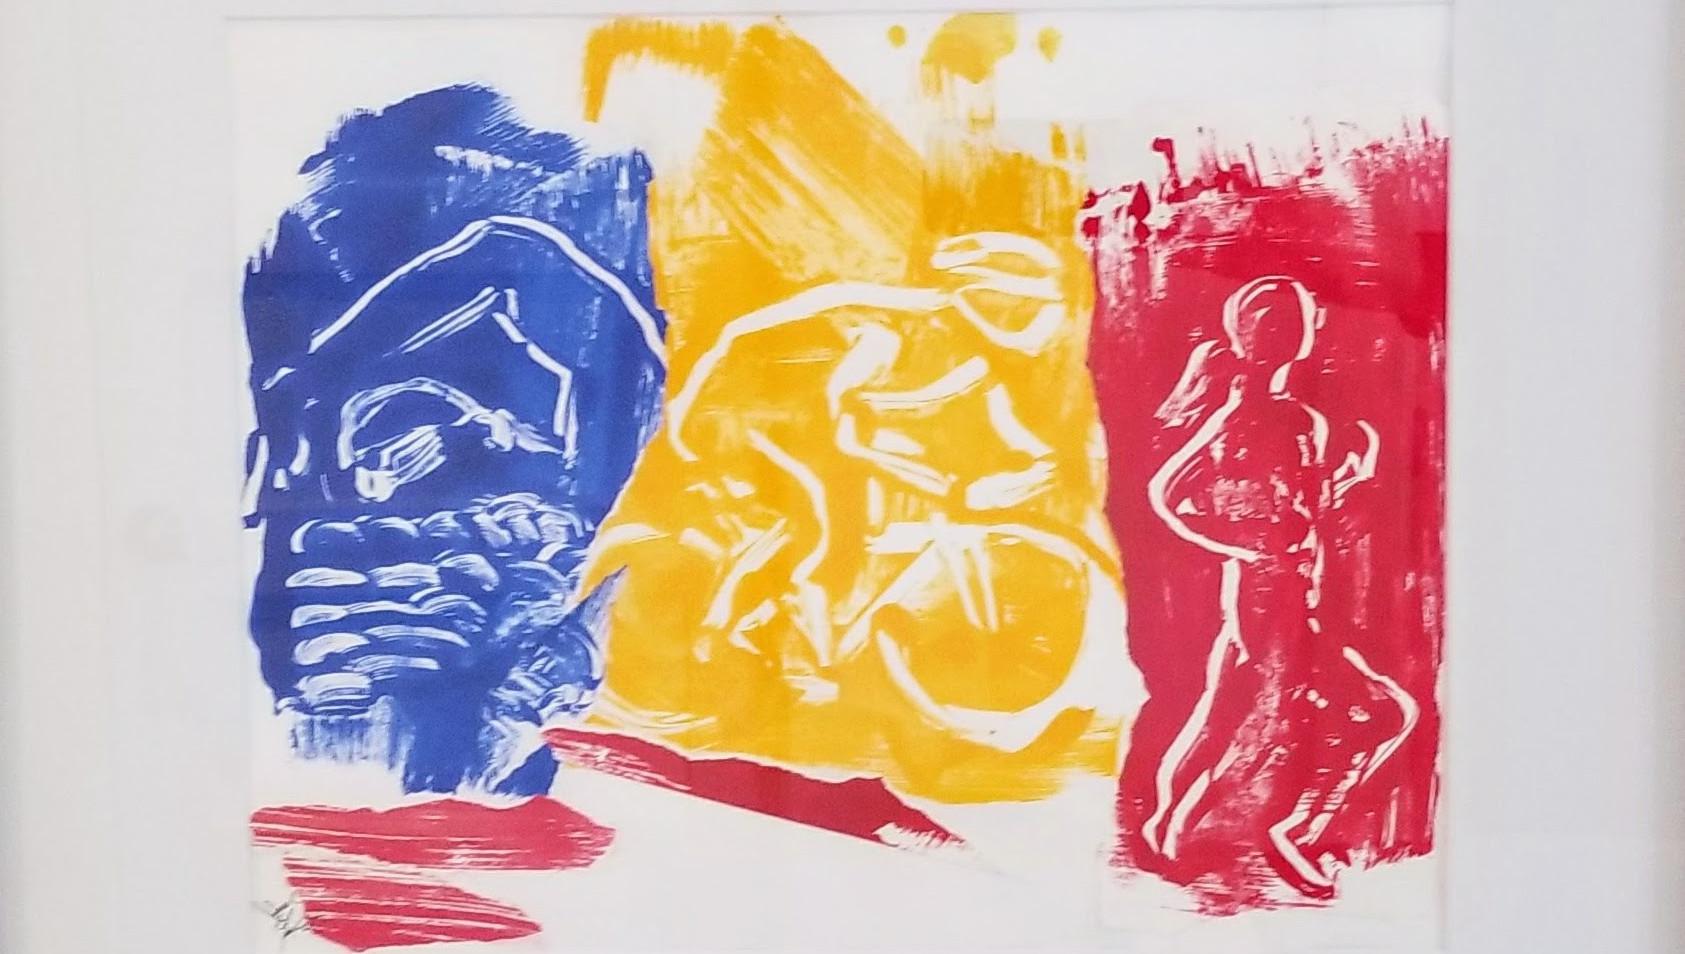 3 colored Tri